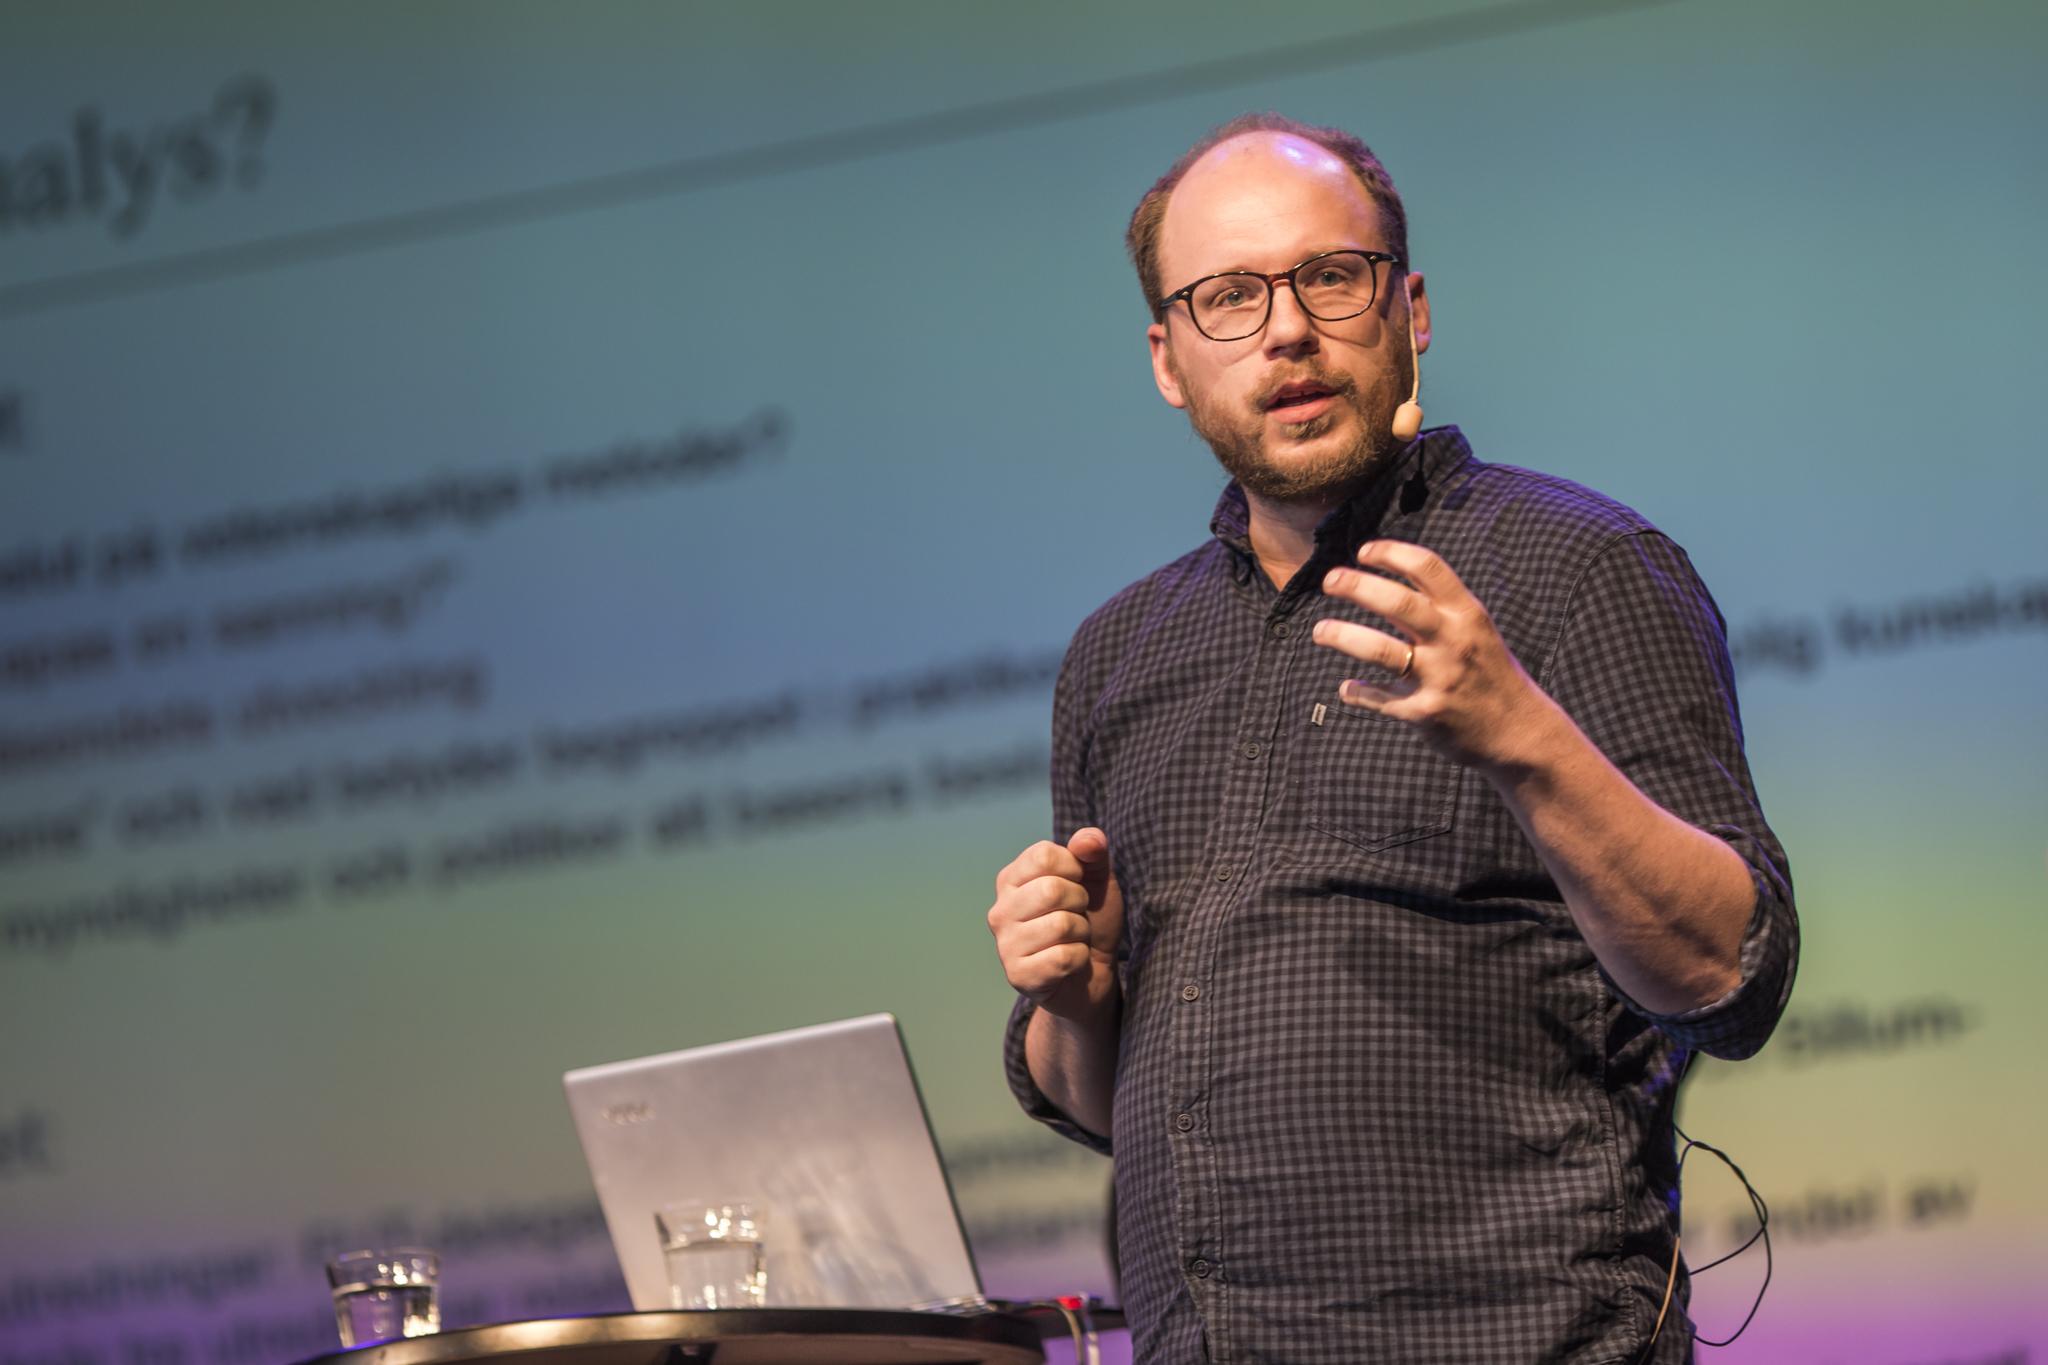 Bild på Niklas Altermark som håller på att förklara något på en scen.